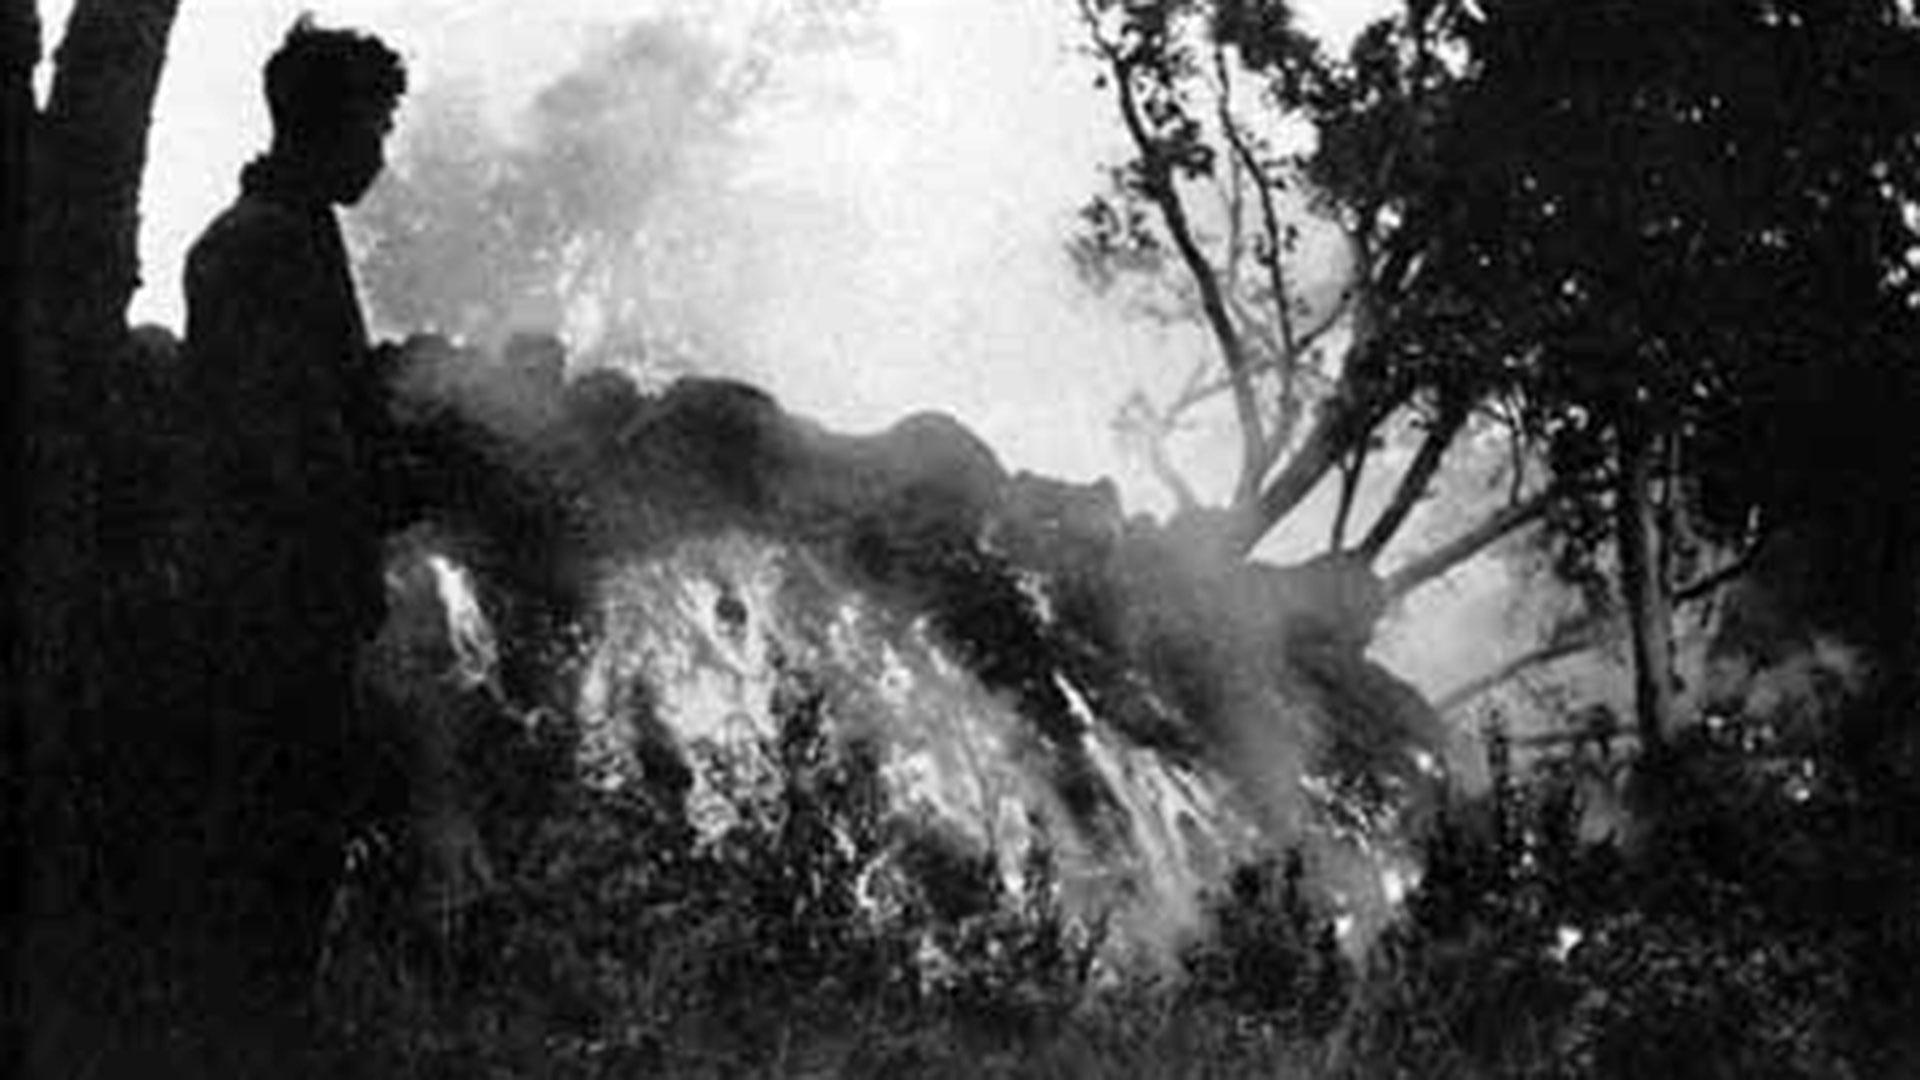 El avance de la lava que emanaba del volcán Mauna Loa y que se dirigía directo contra la ciudad de Hilo, en diciembre de 1935